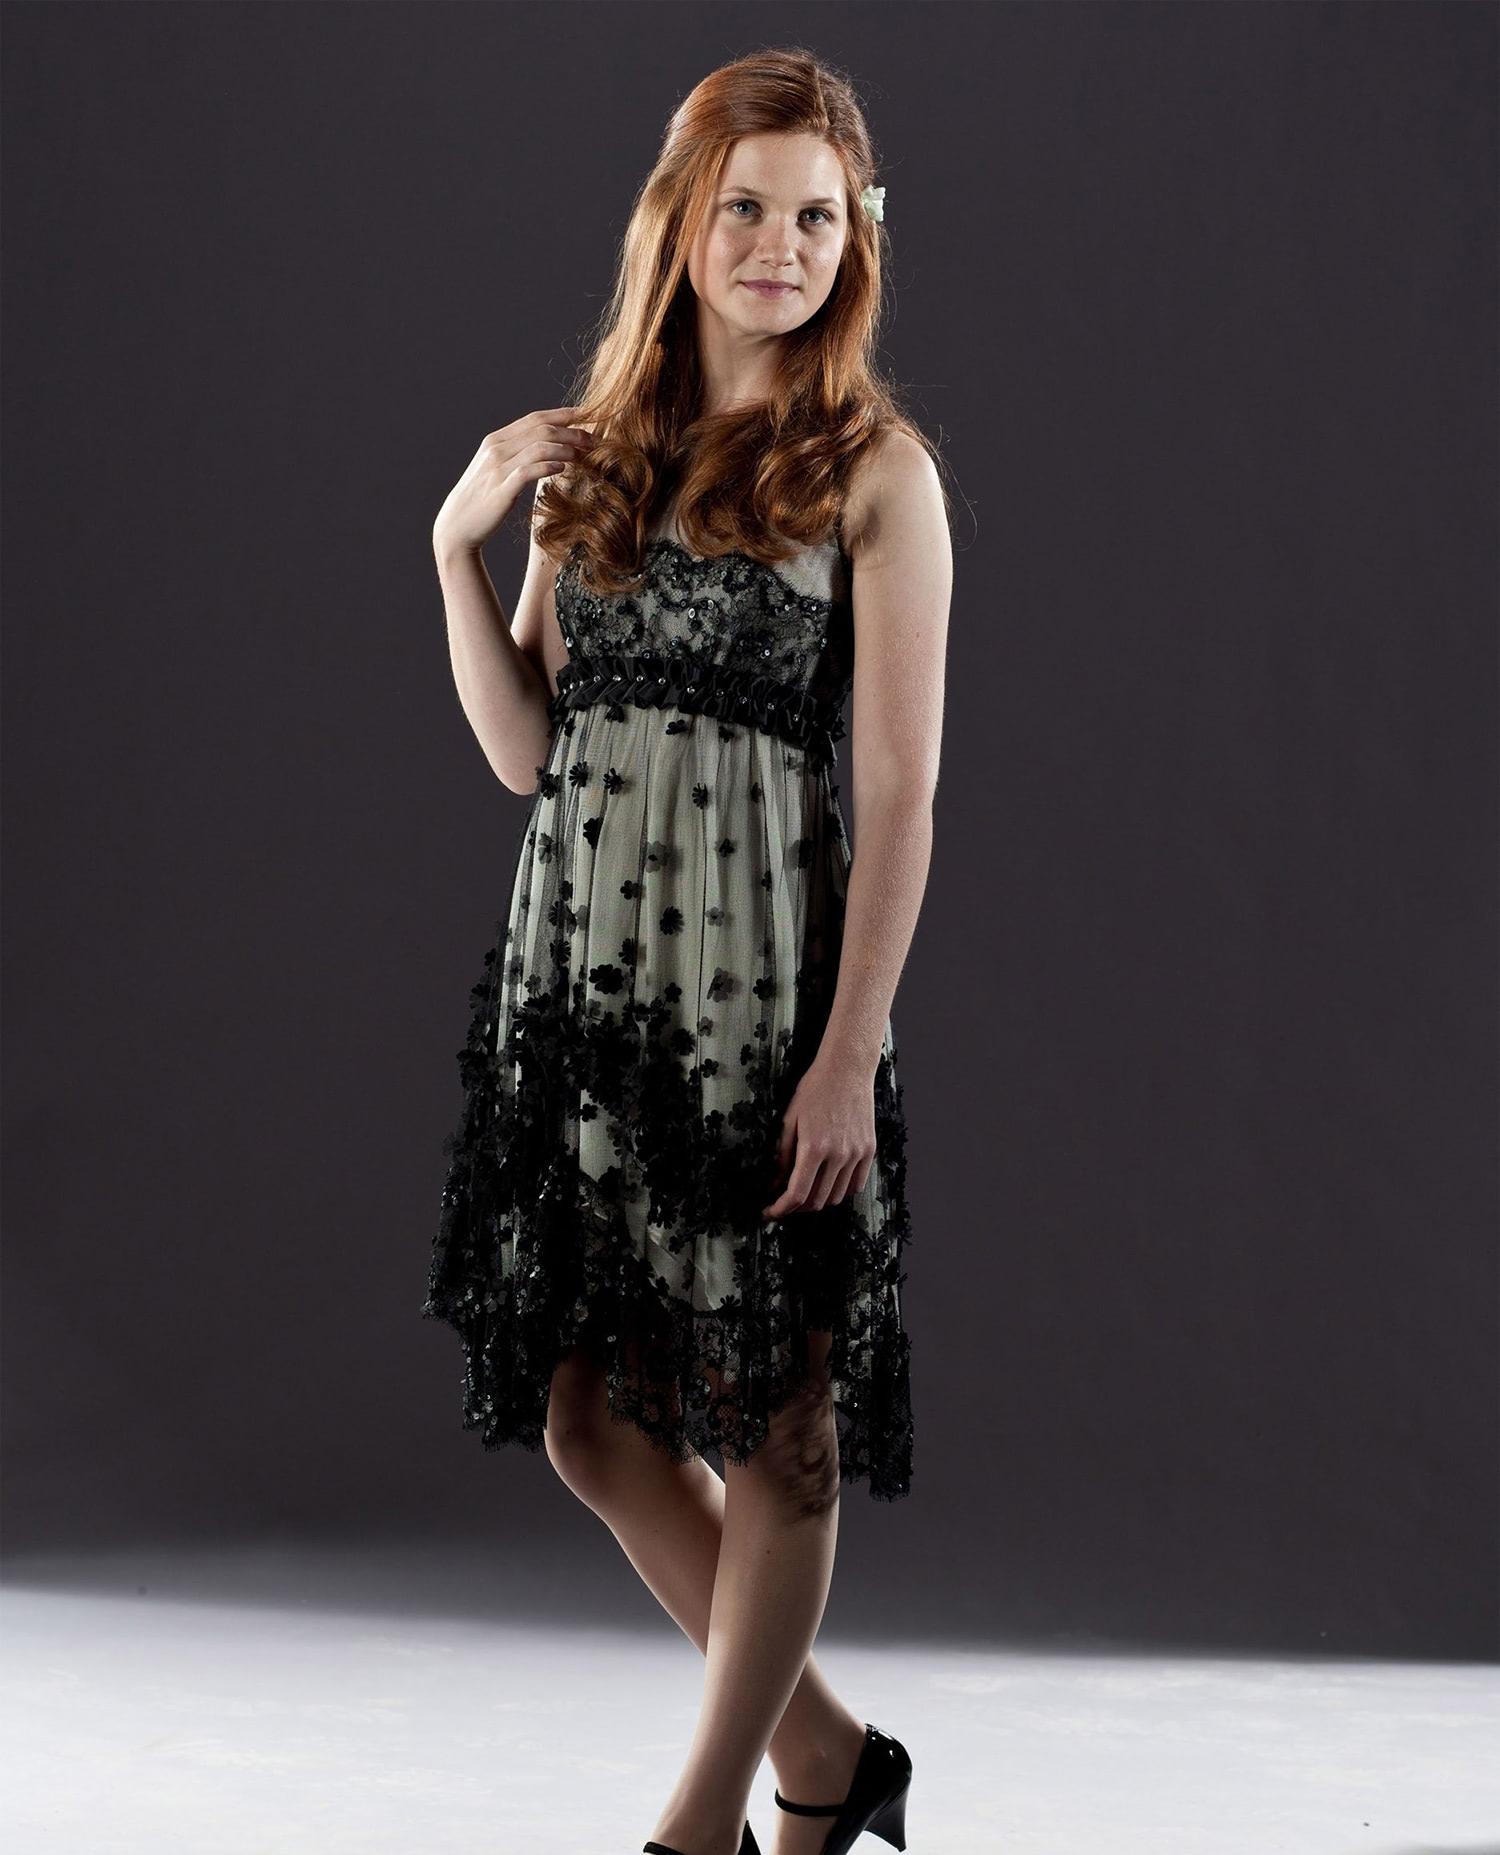 Ginny Weasley wedding portrait